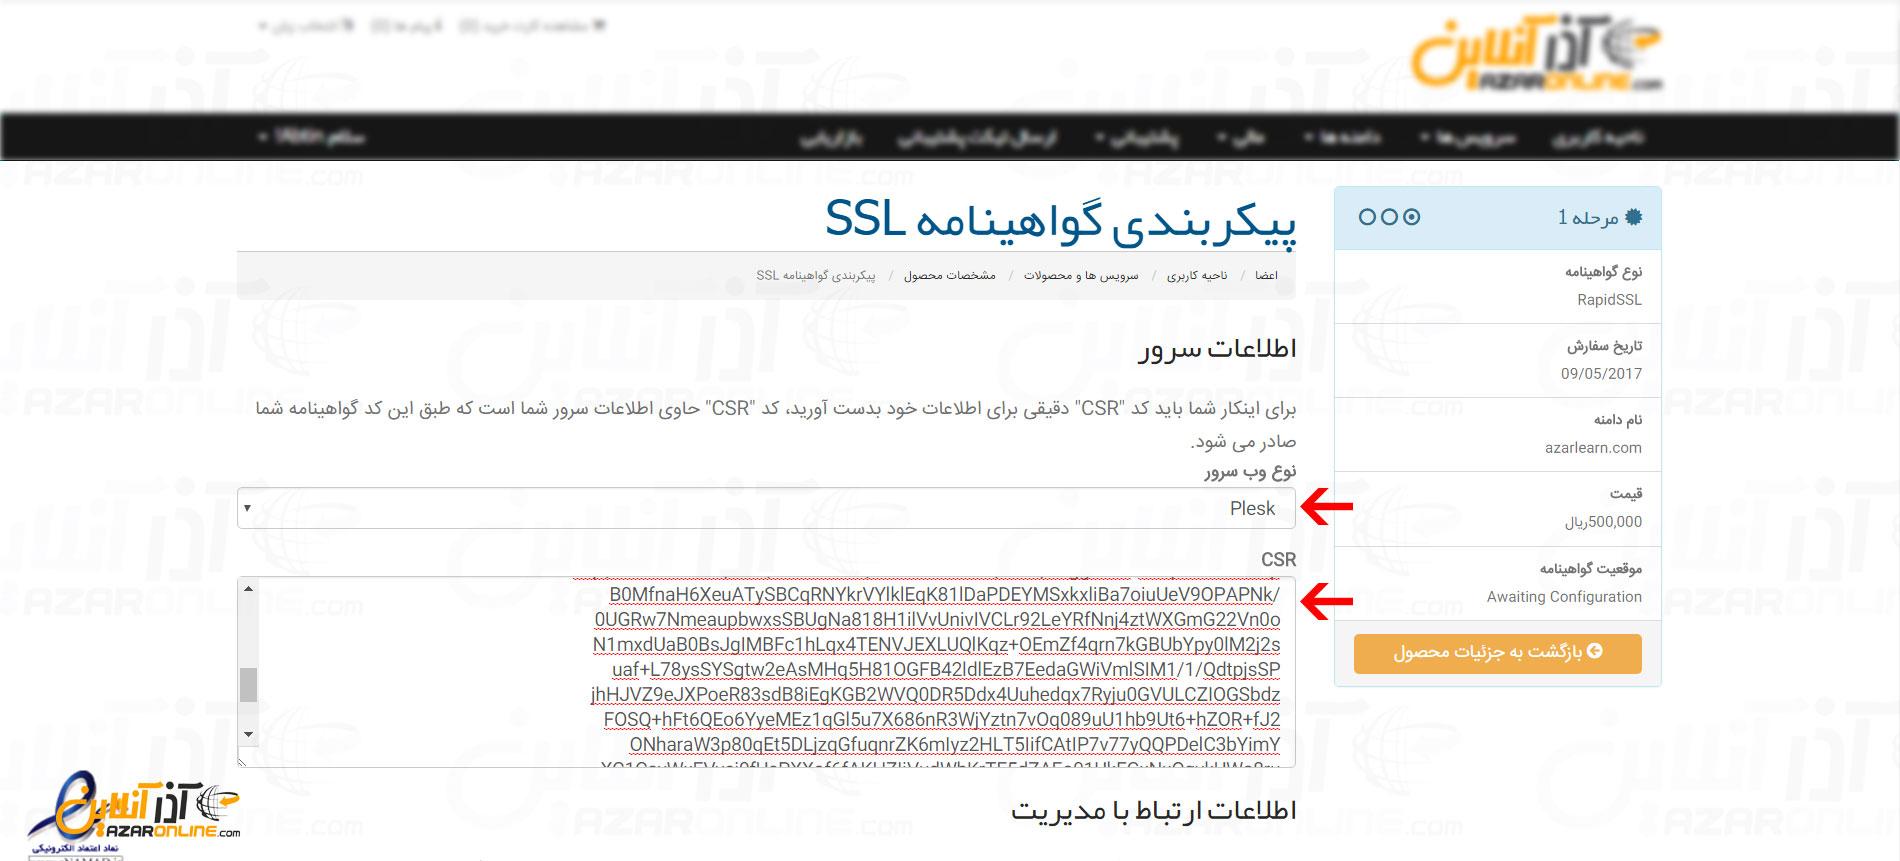 وارد کردن اطلاعات برای دریافت SSL